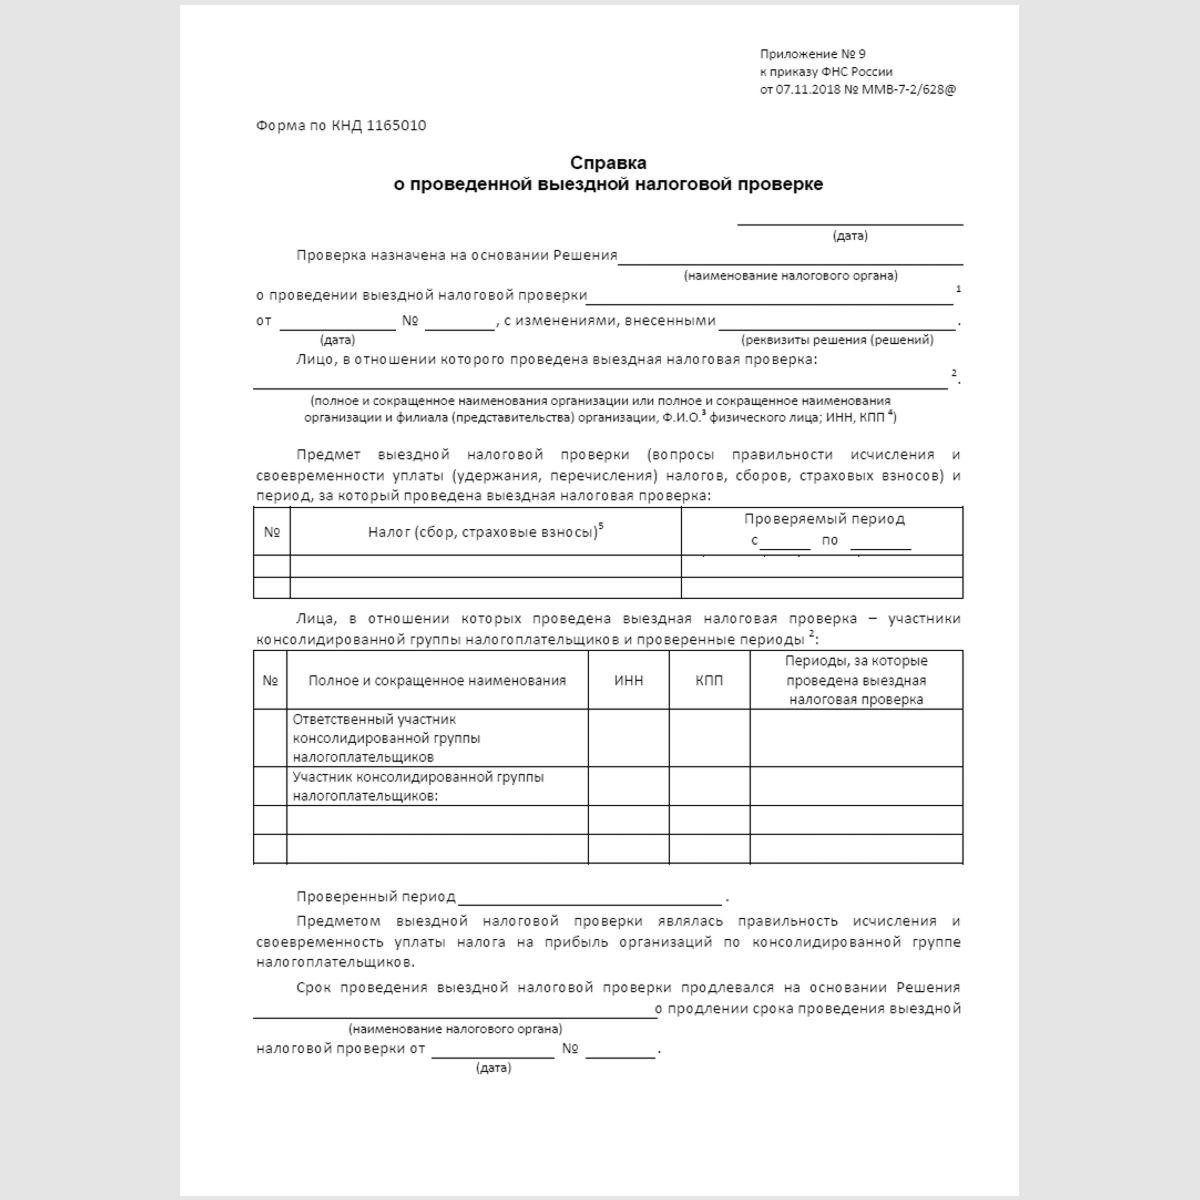 """Форма КНД 1165010 """"Справка о проведенной выездной налоговой проверке"""". Стр. 1"""